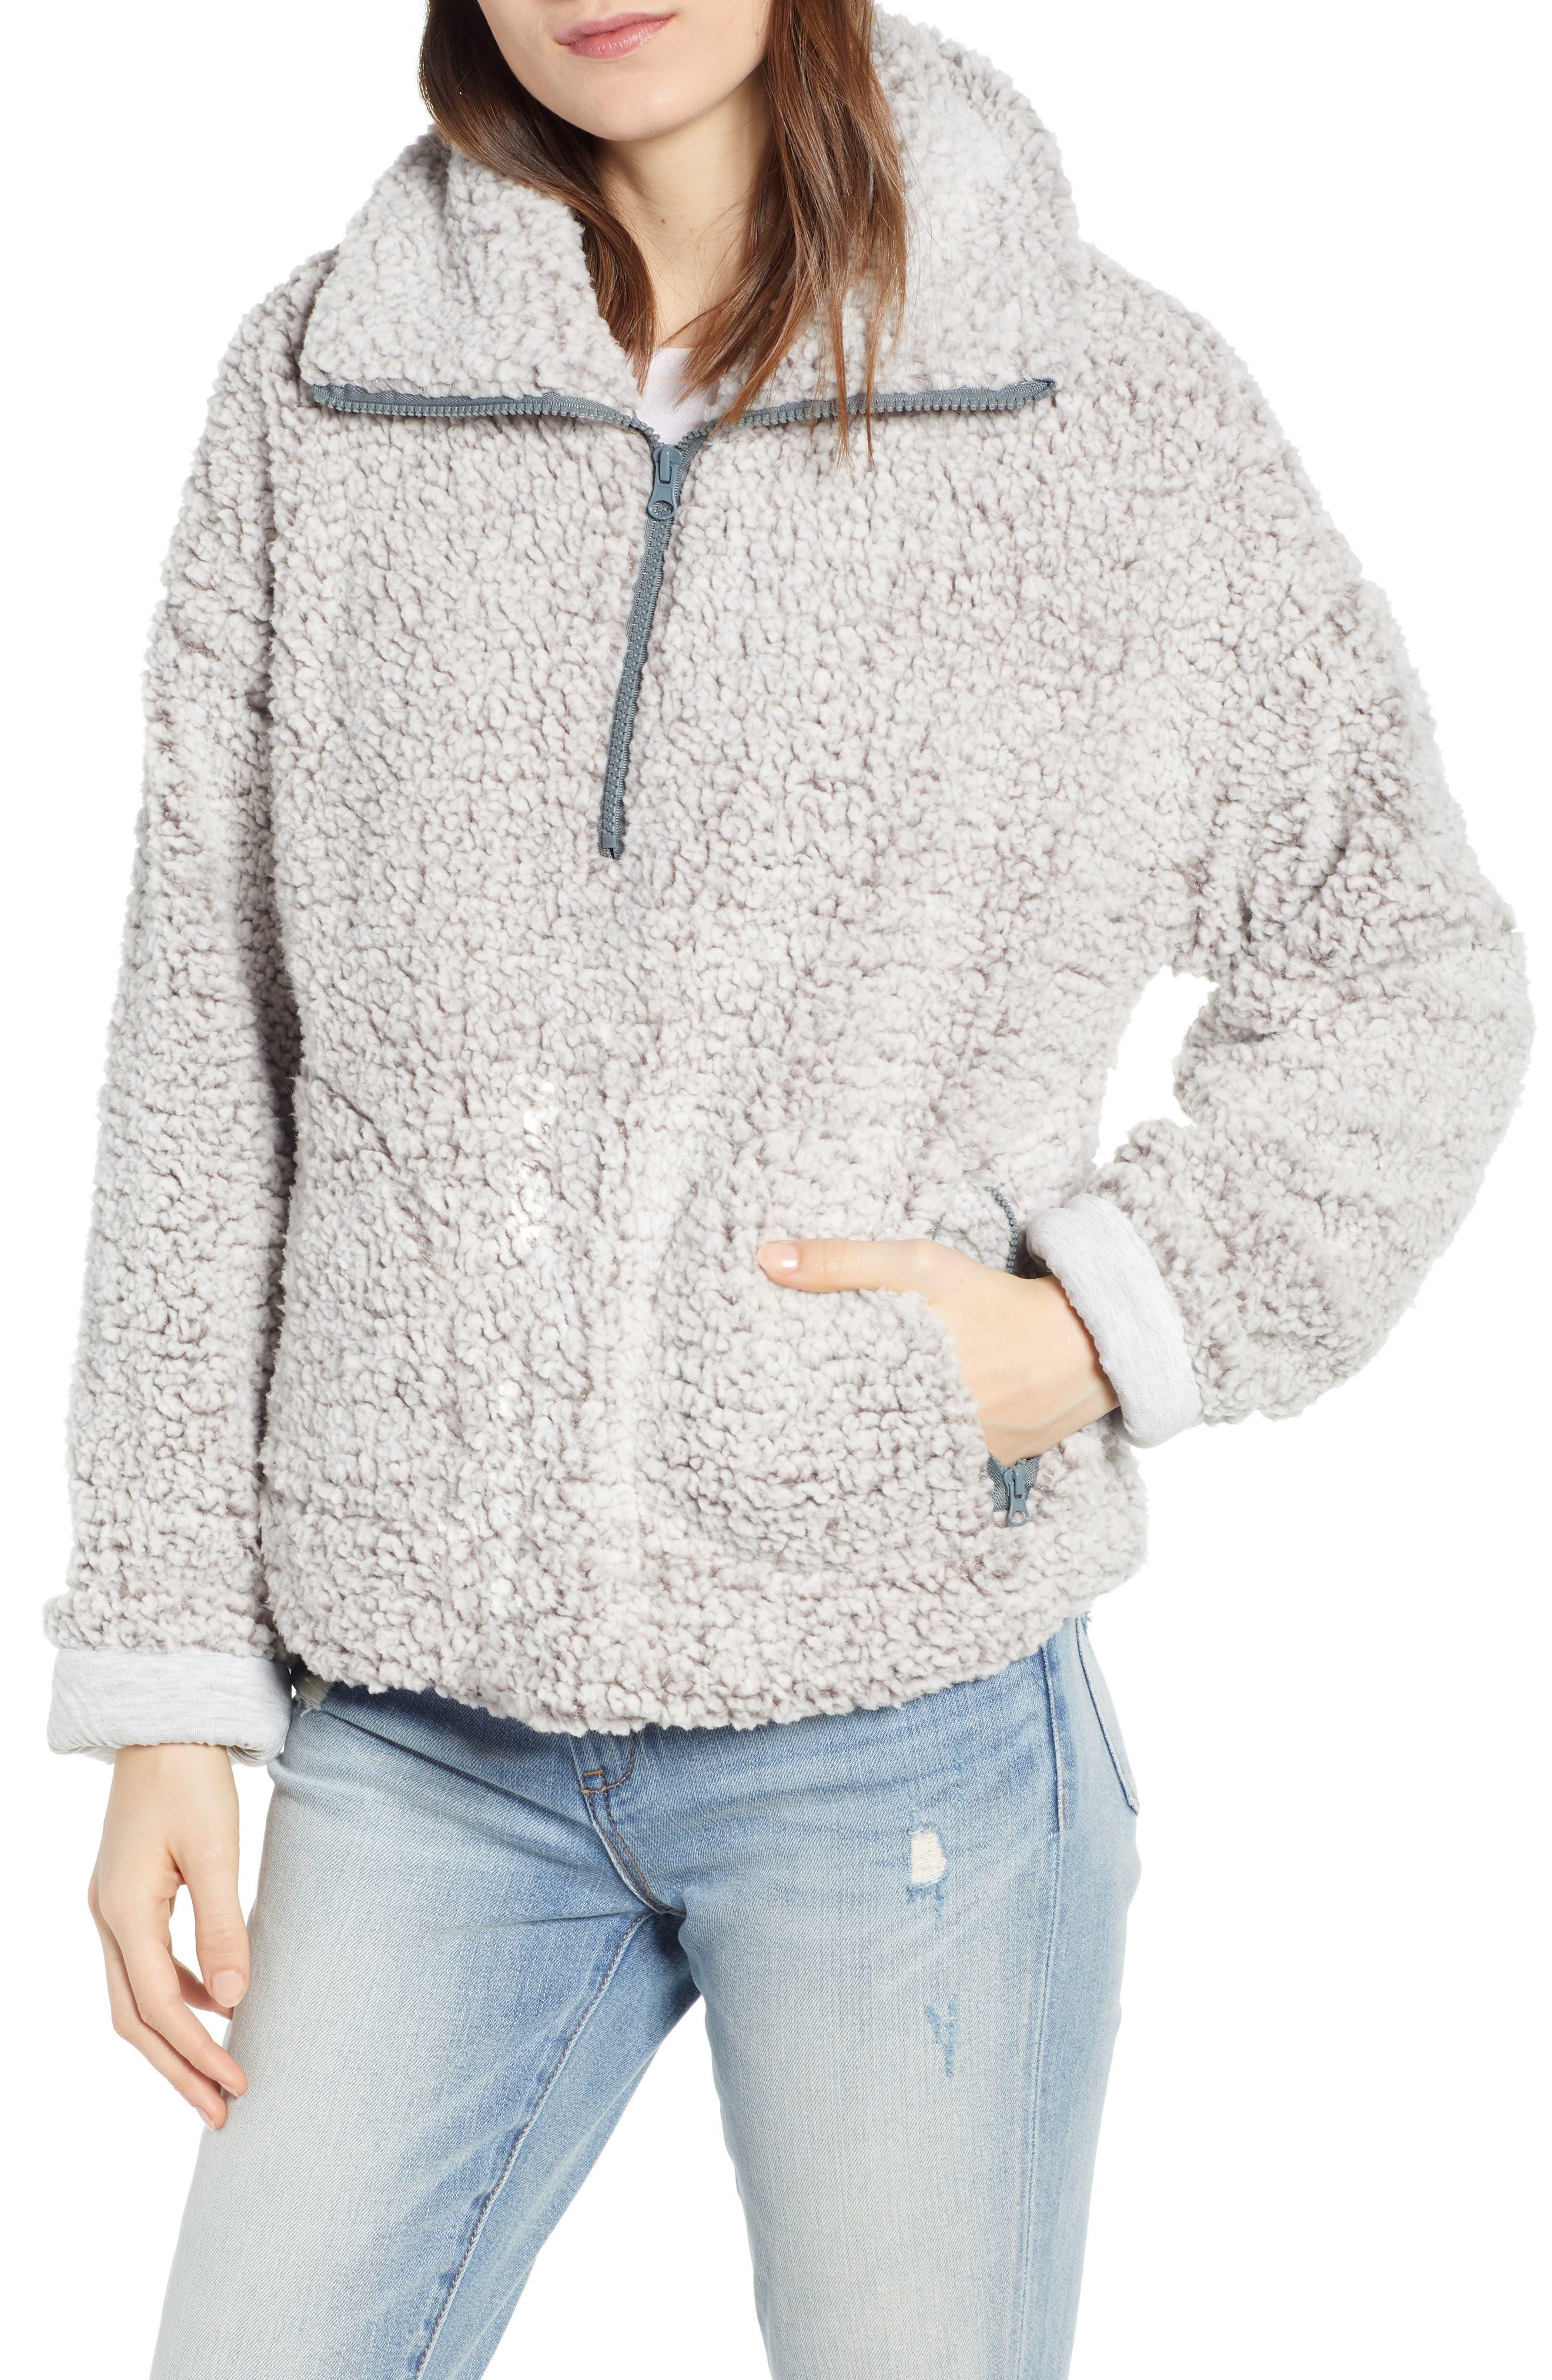 THREAD & SUPPLY, Quarter Zip Fleece Pullover, Main thumbnail 1, color, SILVER